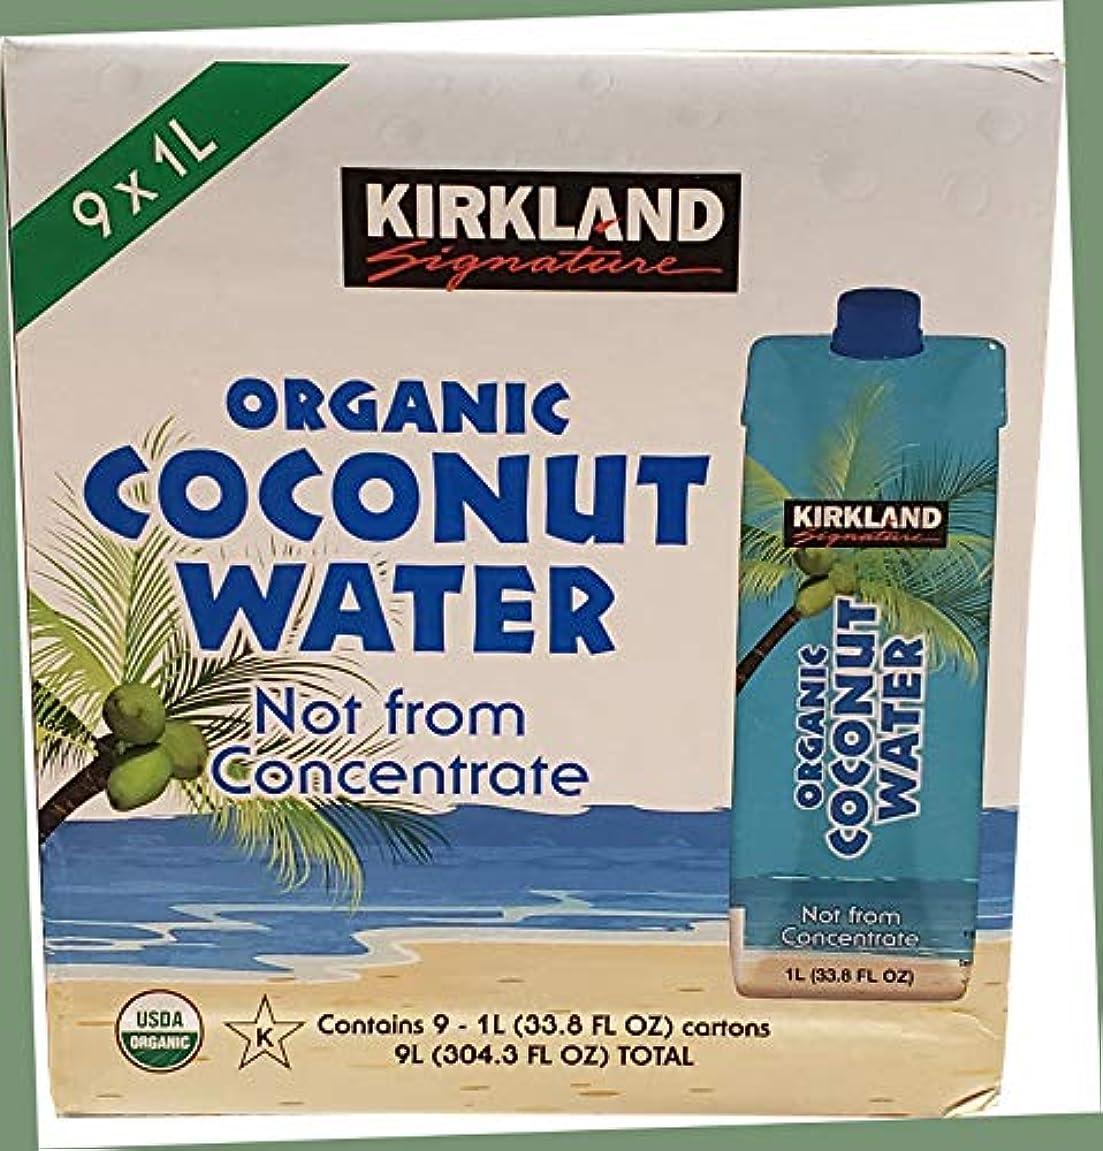 カートリッジ経済窒素KIRKLAND SIGNATURE カークランドシグネチャー オーガニック ココナッツウォーター 1L x 9本